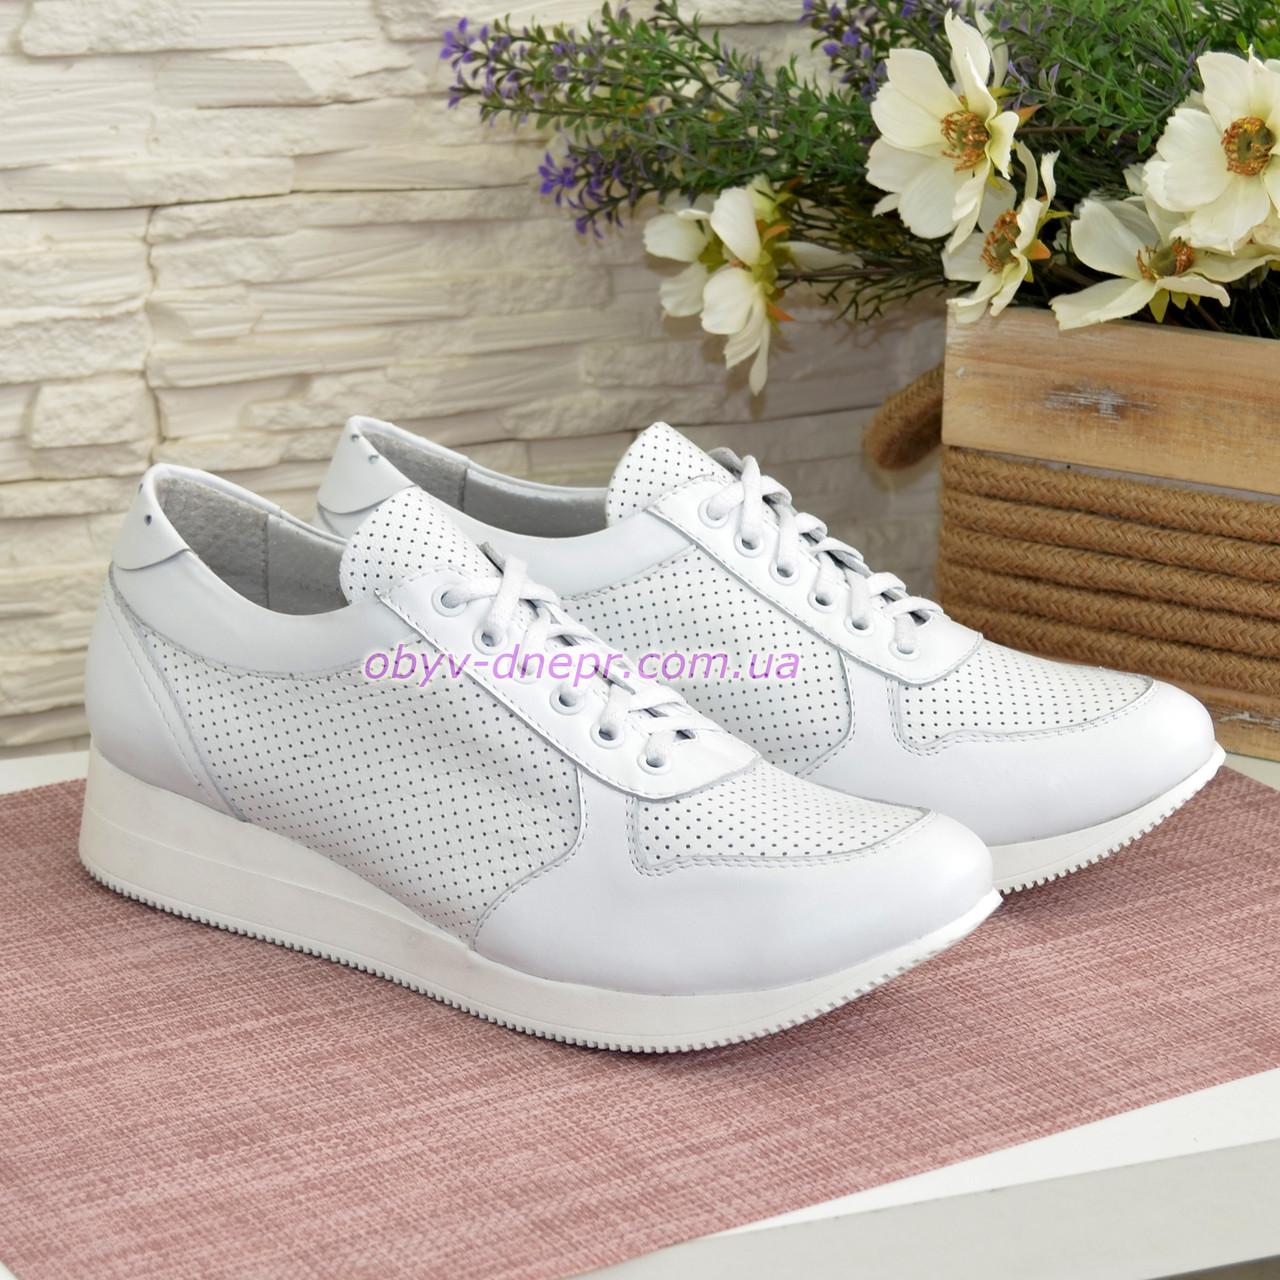 Стильные кожаные перфорированные туфли, цвет белый